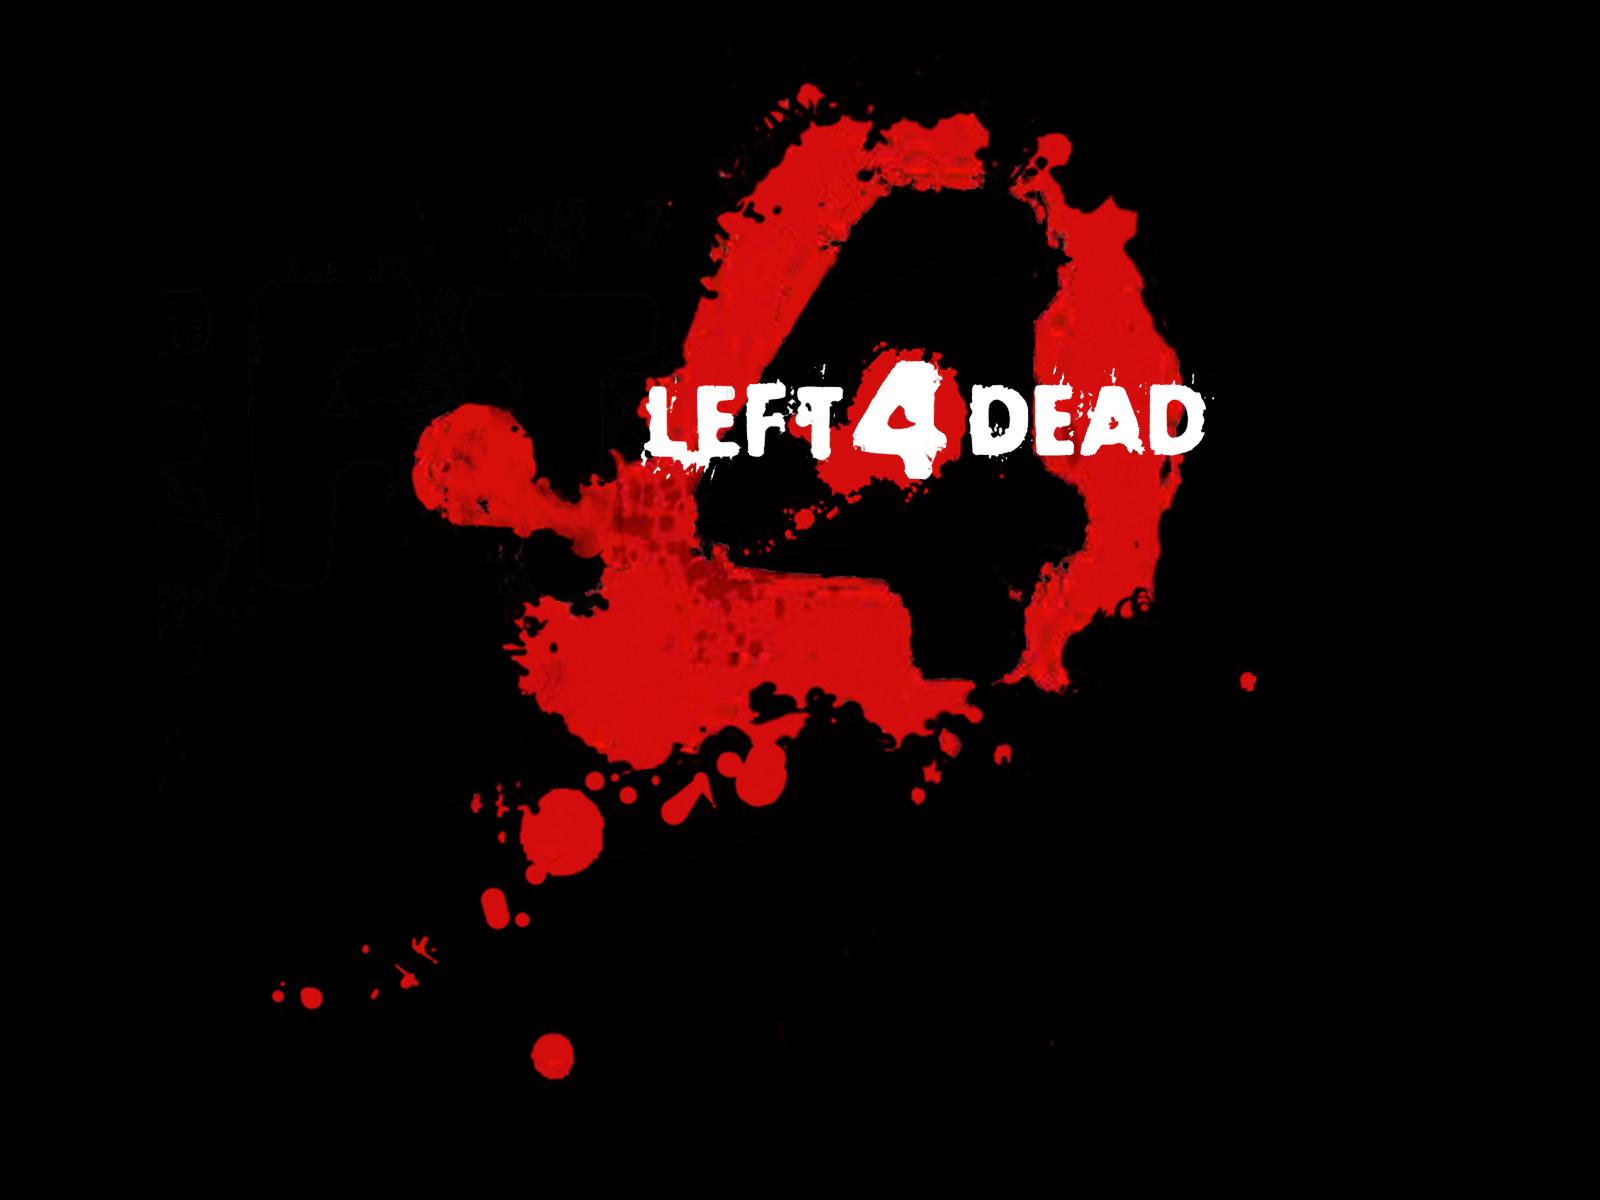 L4D - Left 4 Dead